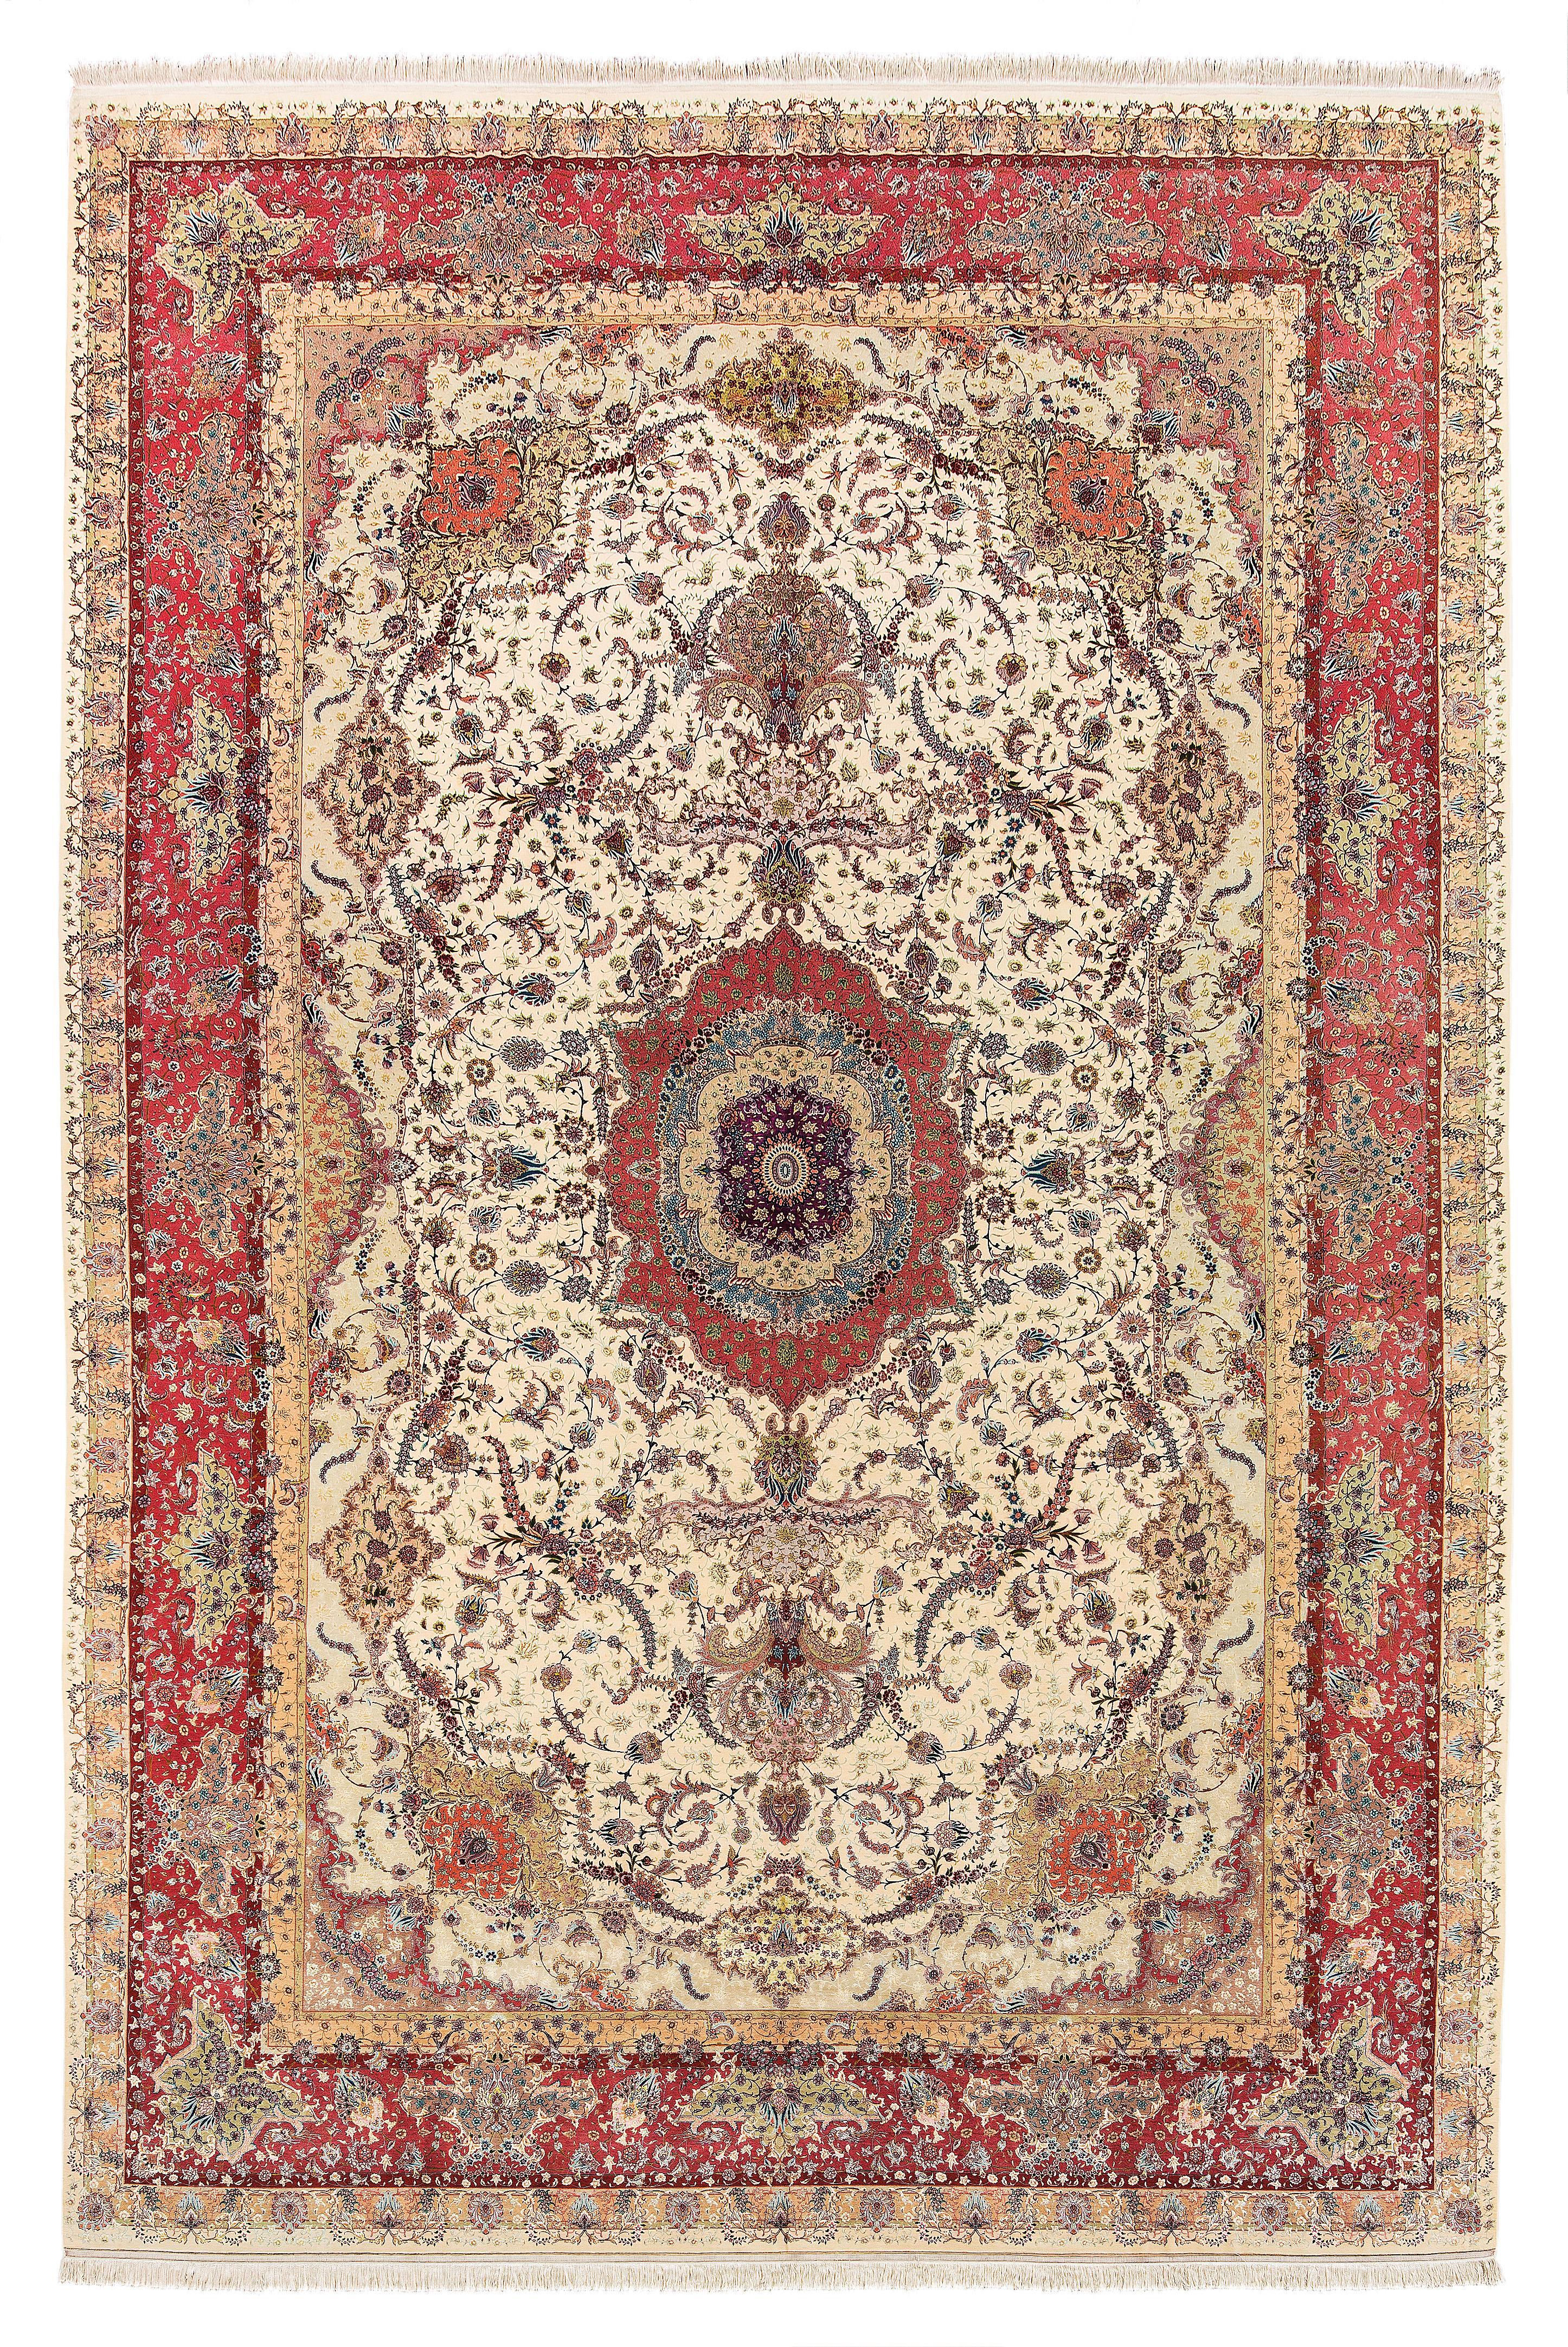 Signierter Teppich mit Signatur der Meisterwerkstätte 'Baft Babaei'. Rufpreis €50.000.